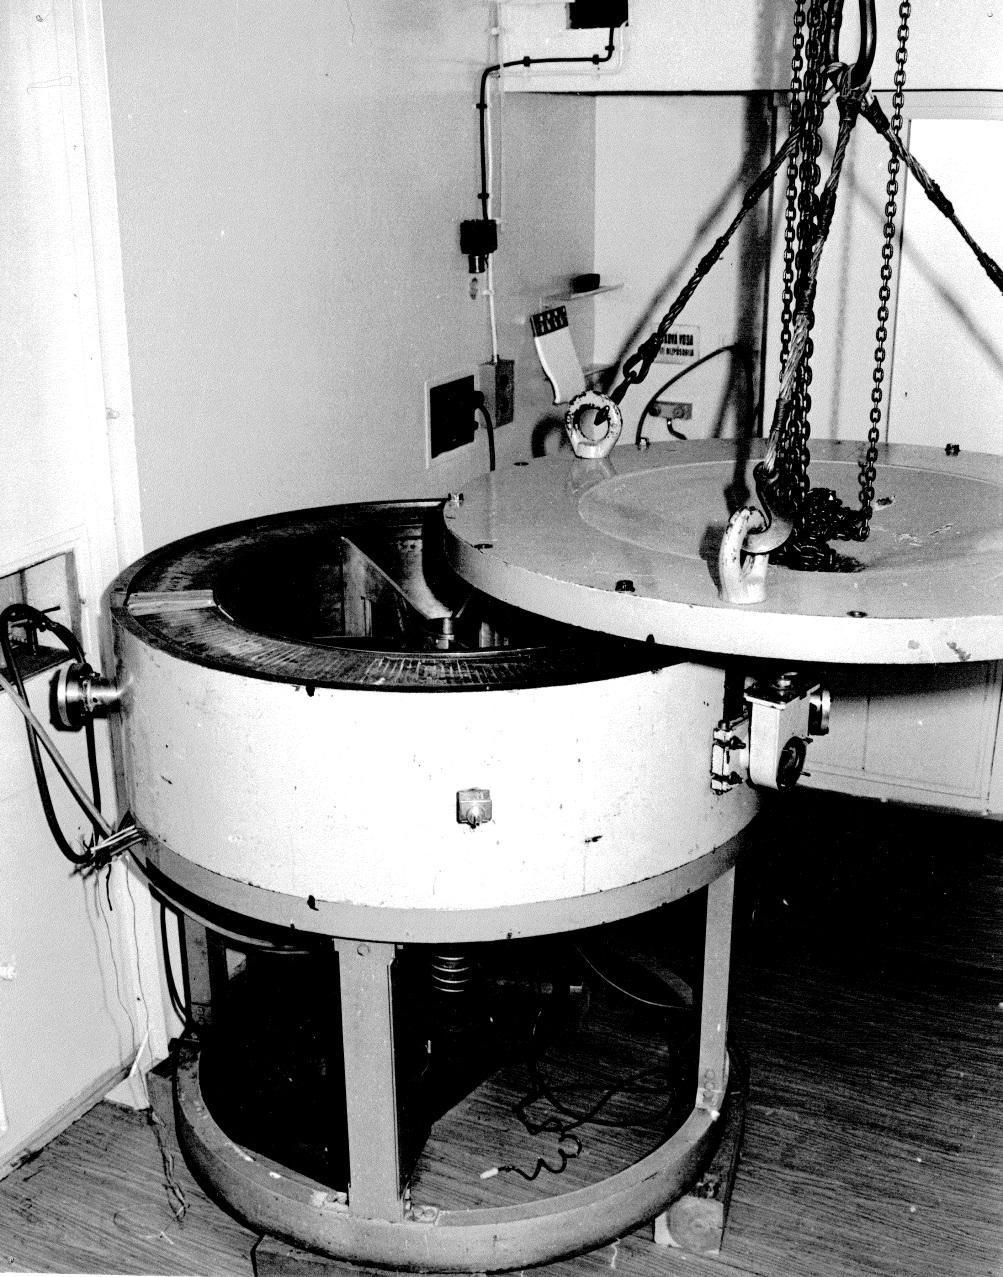 Magnetický spektrometr elektronů sestrojený v provizorních laboratořích tehdejšího ÚJF ČSAV v tribunách strahovského sportovního stadion v roce 1957 a později přemístěný do Řeže změřil mnoho spekter konverzních elektronů (zdroj ÚJF AV ČR).